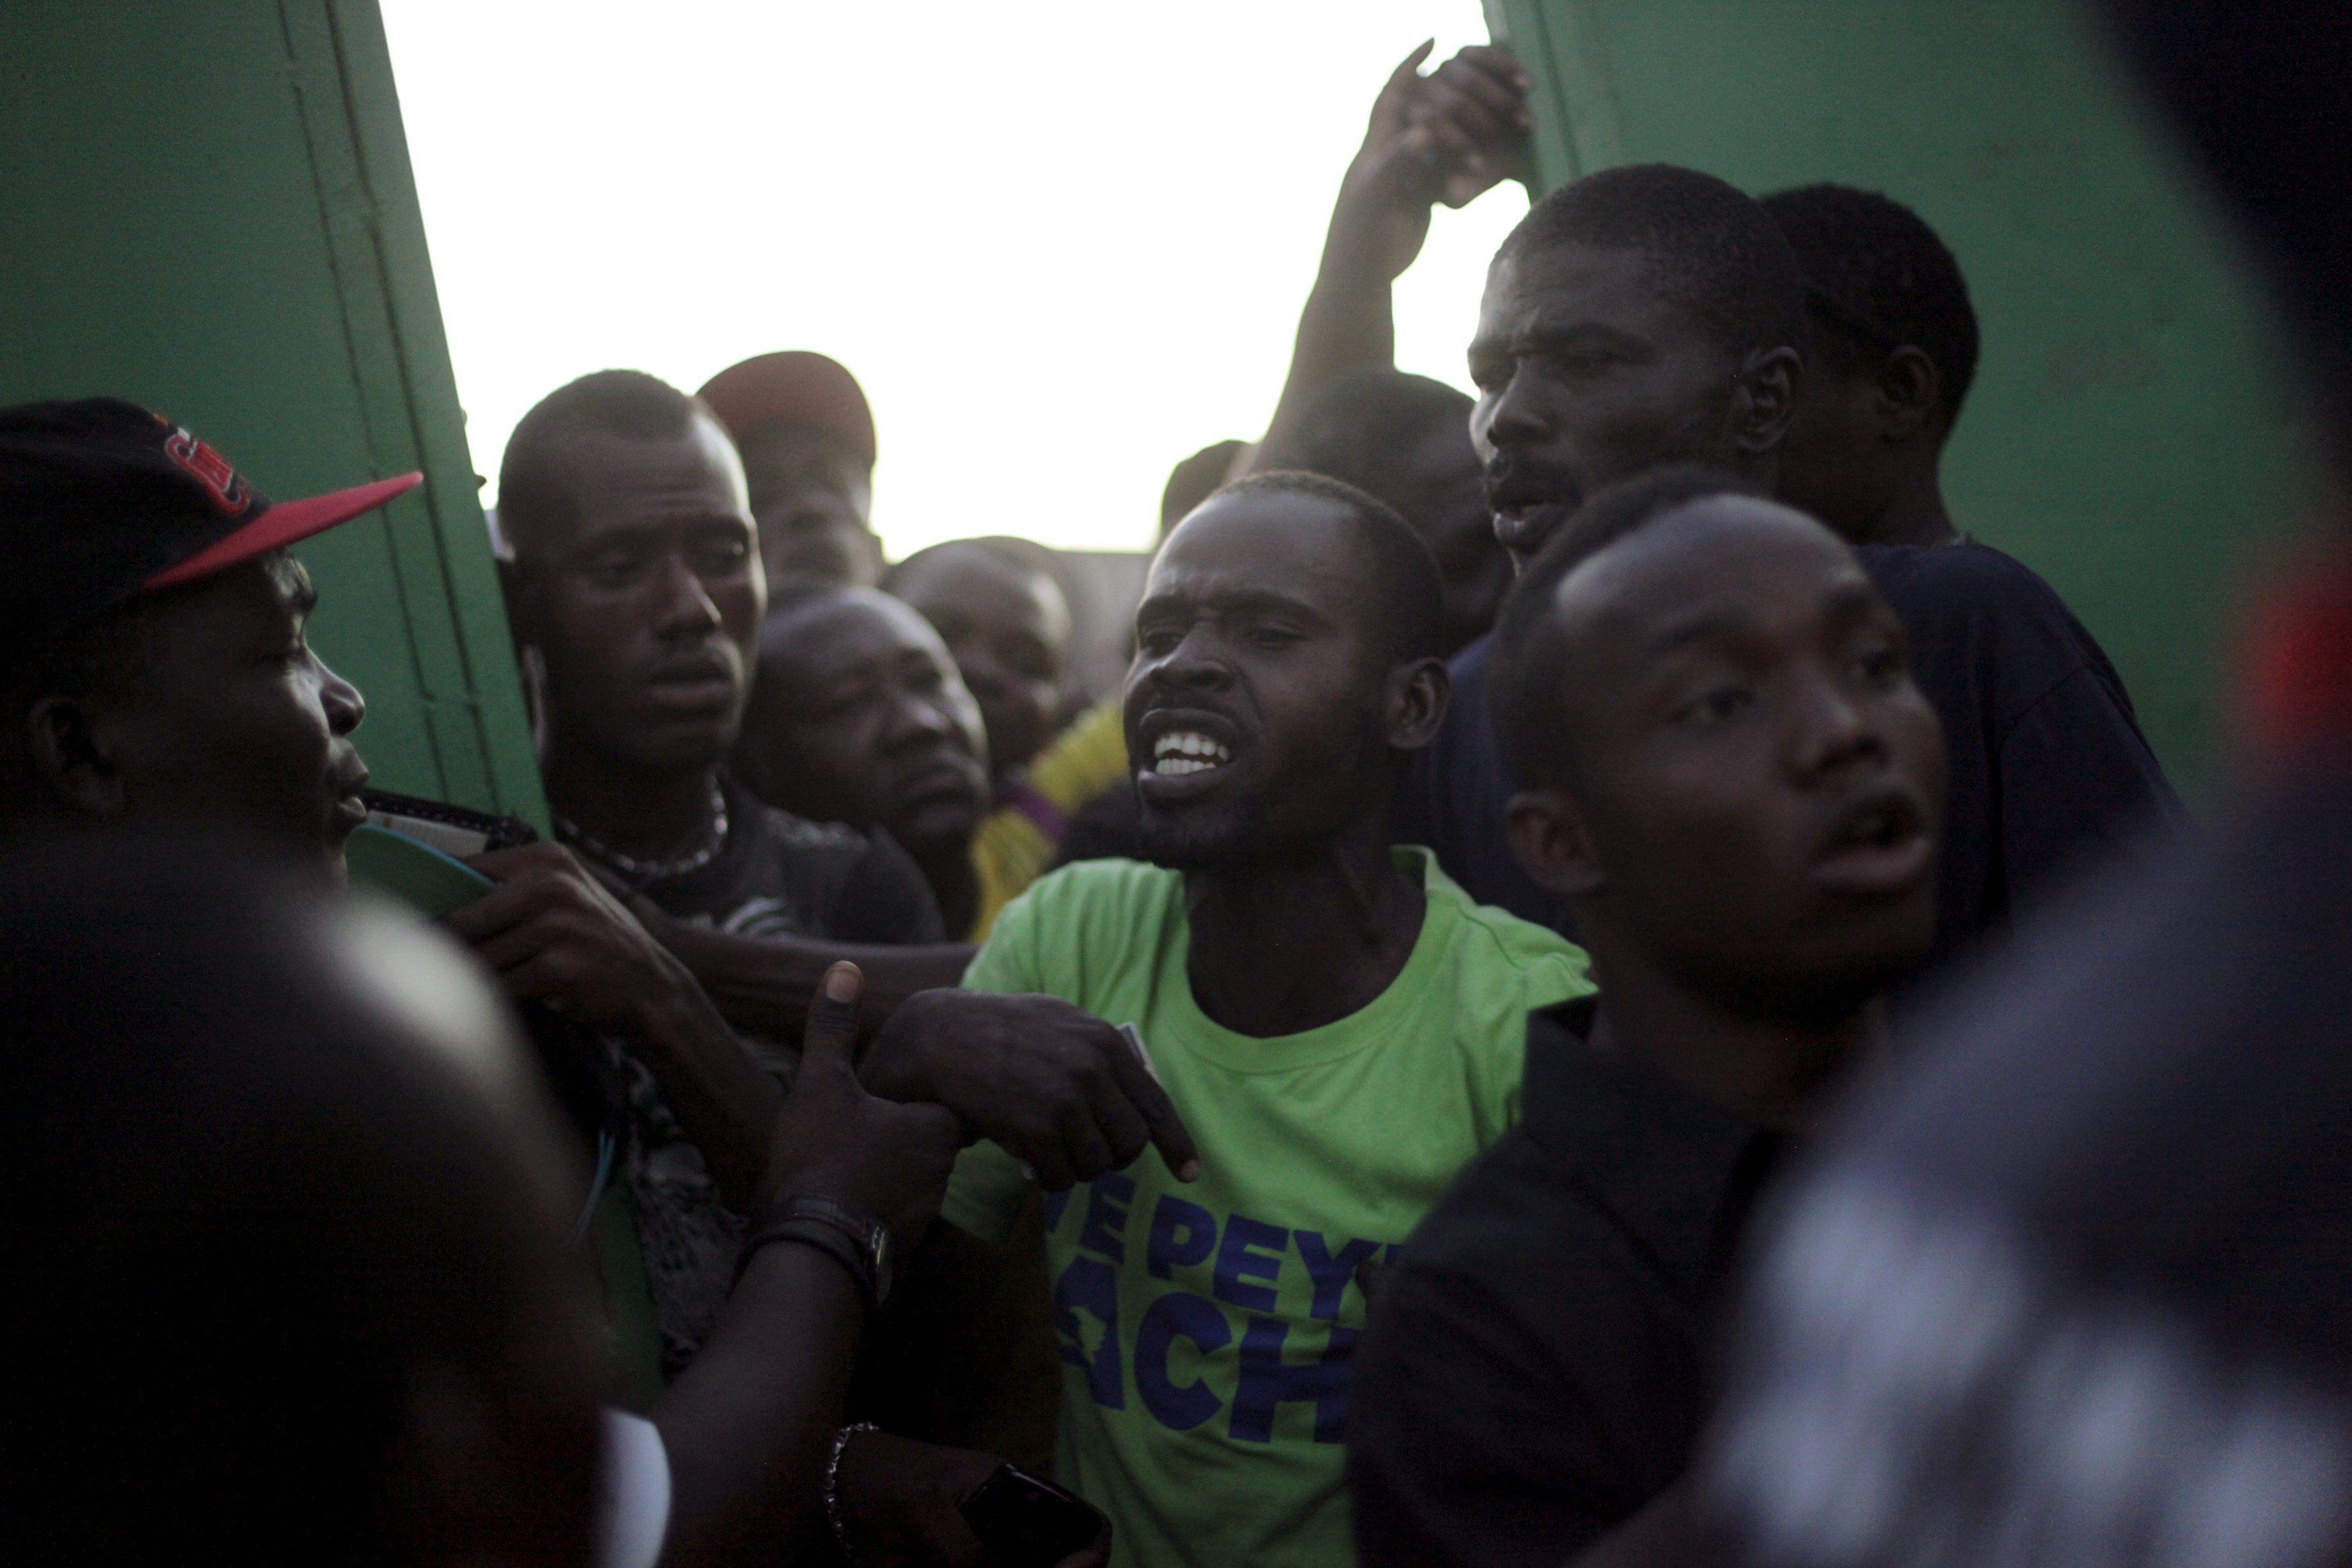 A nação caribenha com cerca de 10 milhões de habitantes tem enfrentado dificuldades para construir uma democracia estável / Andres Martinez Casares/Reuters